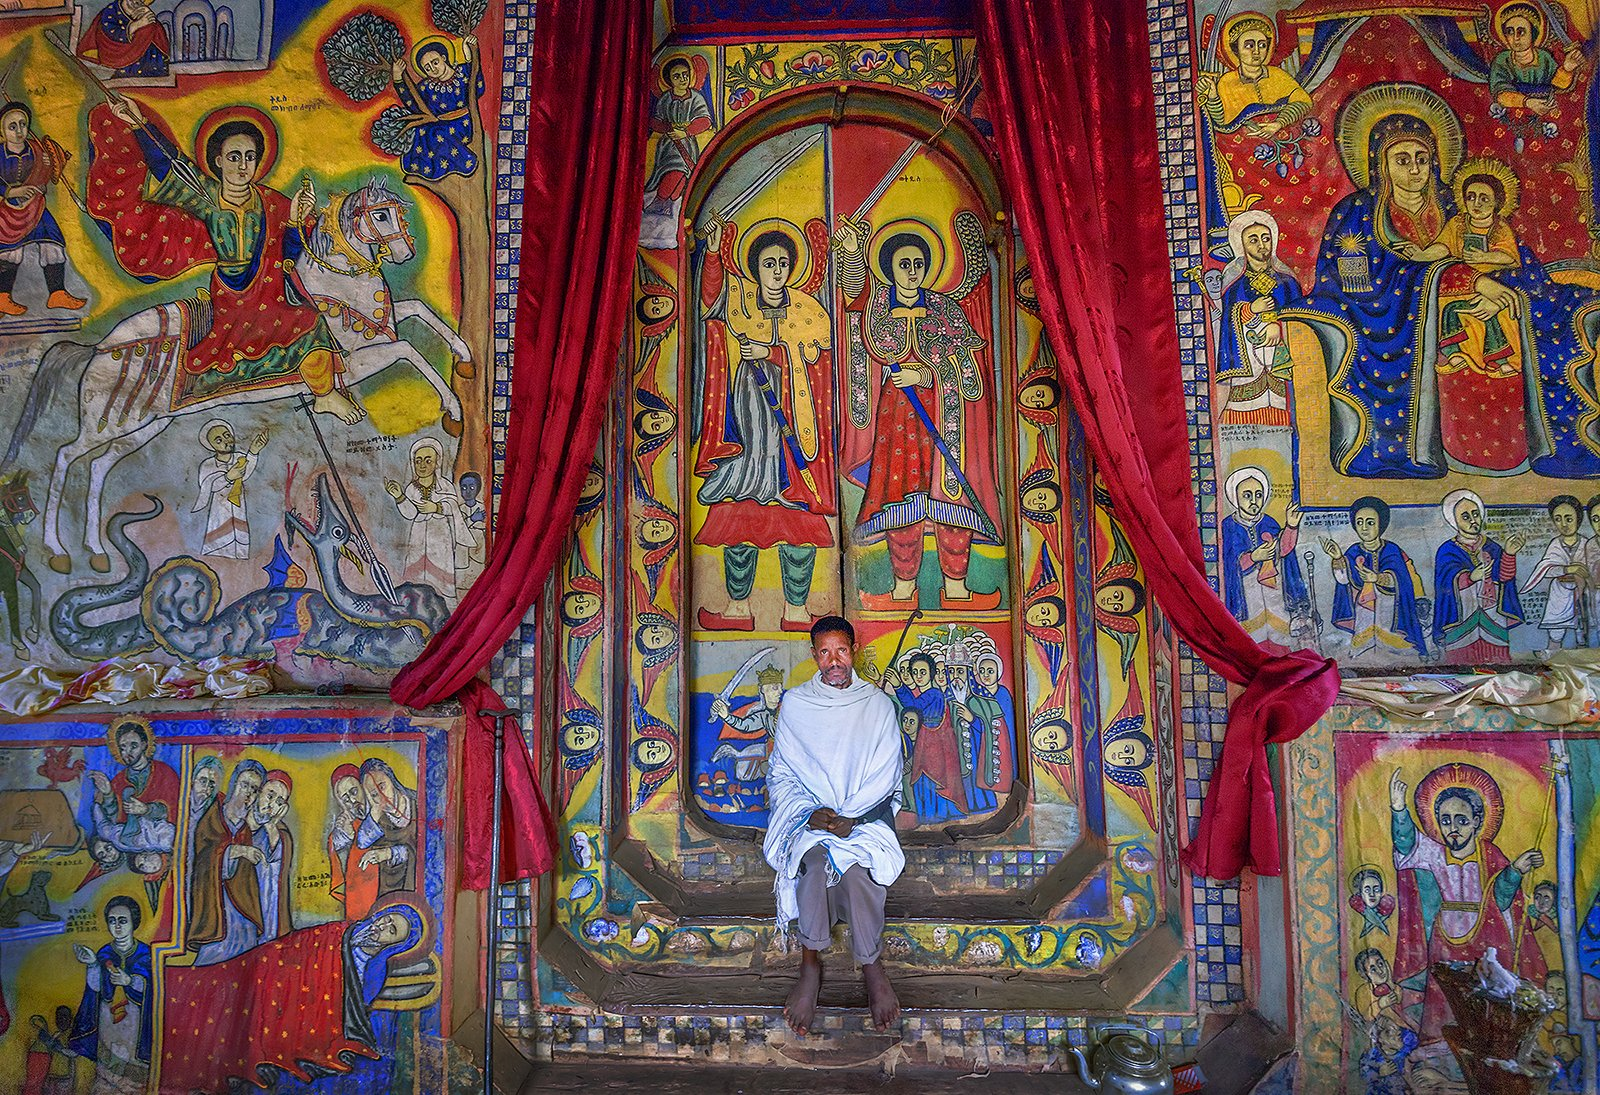 эфиопия, африка, христианство, священник, церковь, монастырь, озеро тана, фрески, Бирюков Юрий